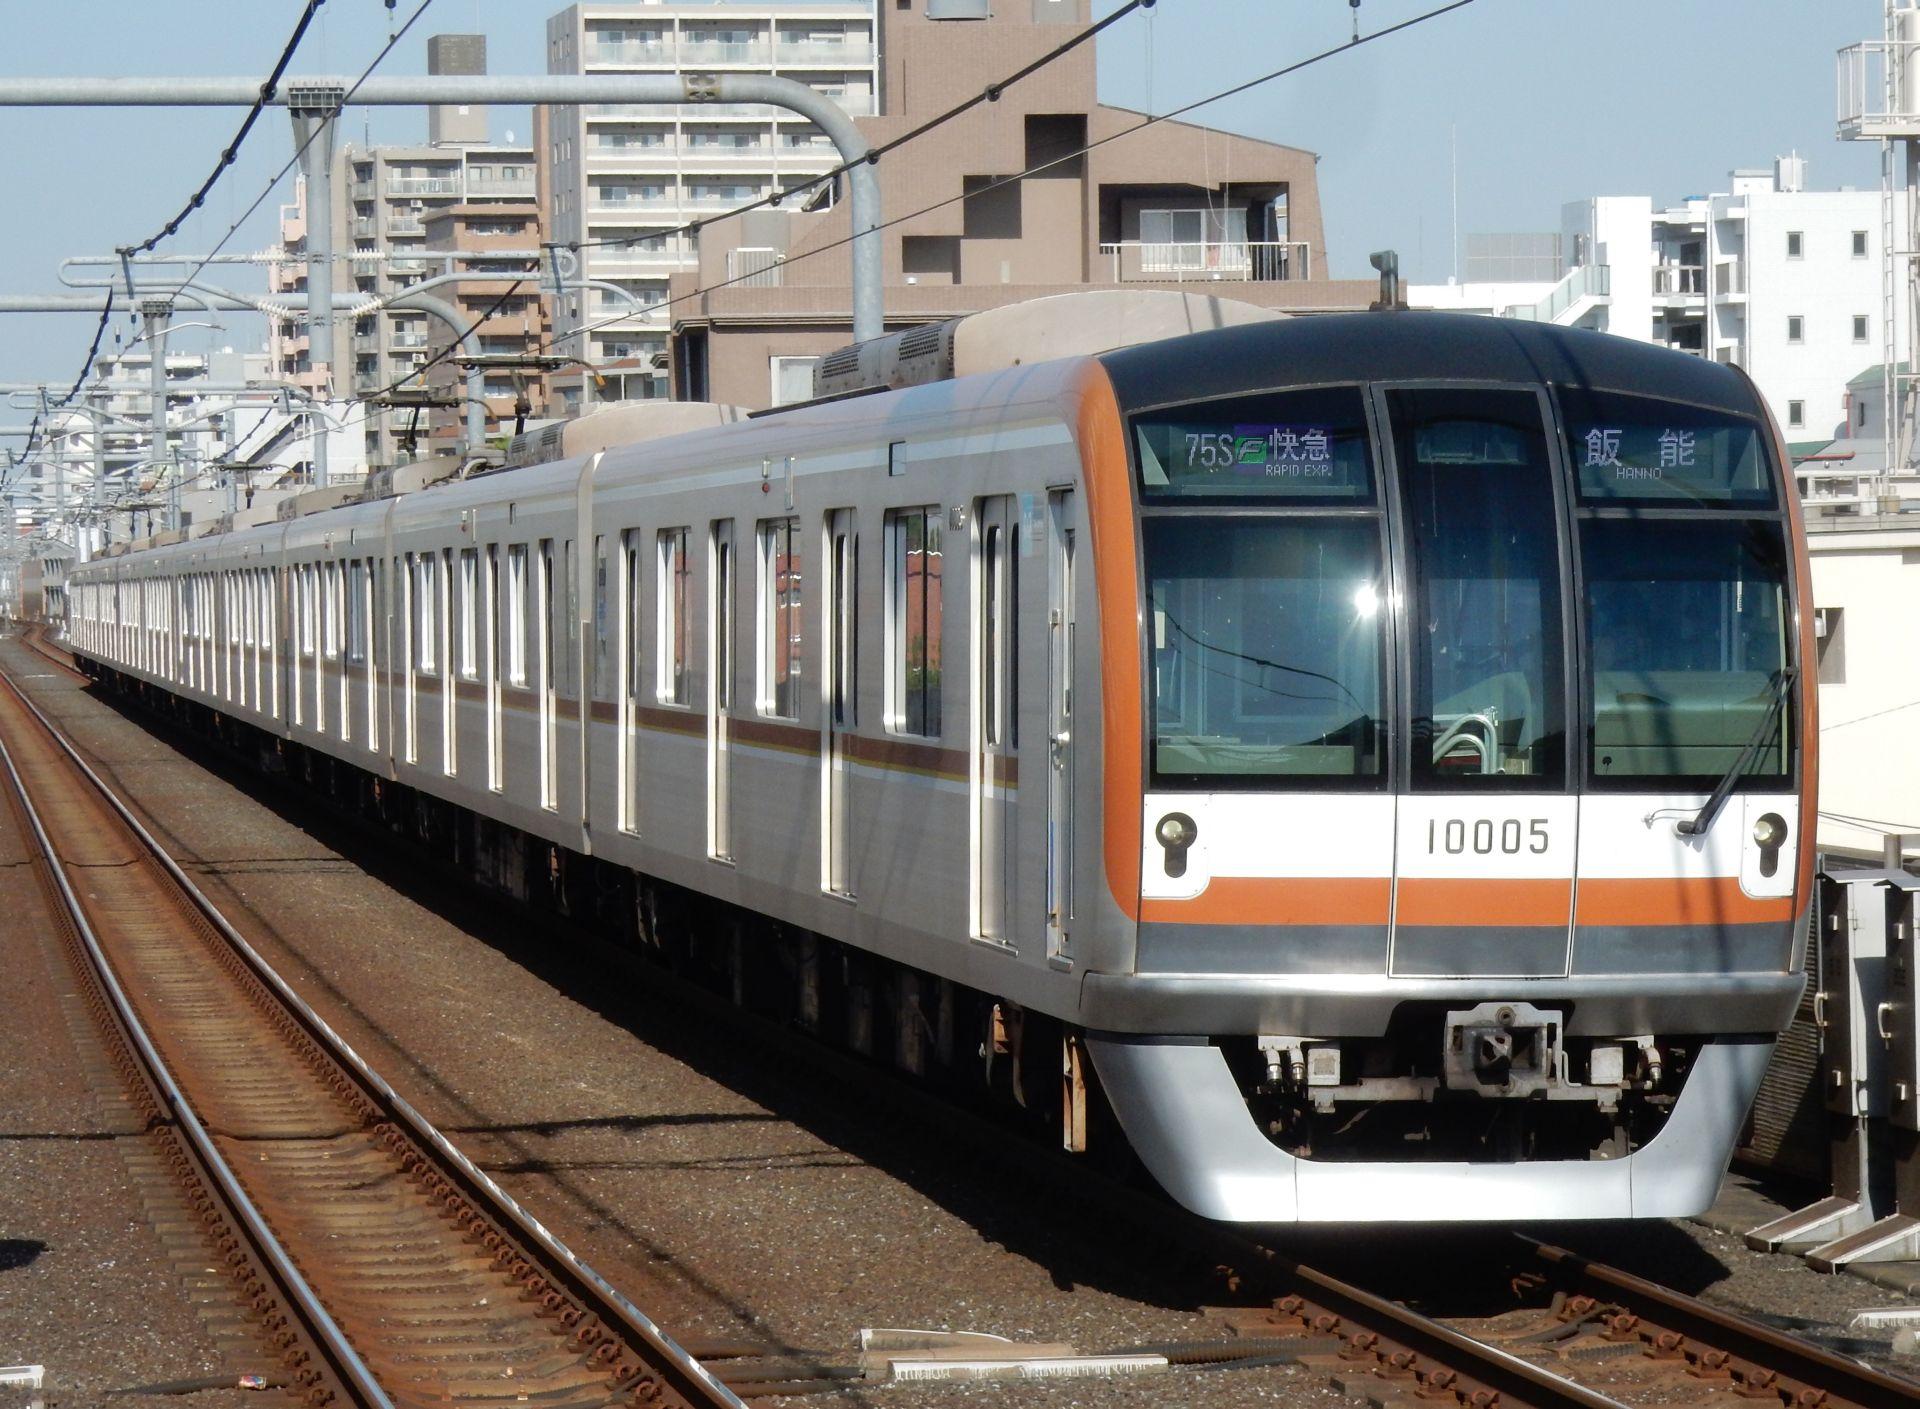 DSCN9083 - コピー